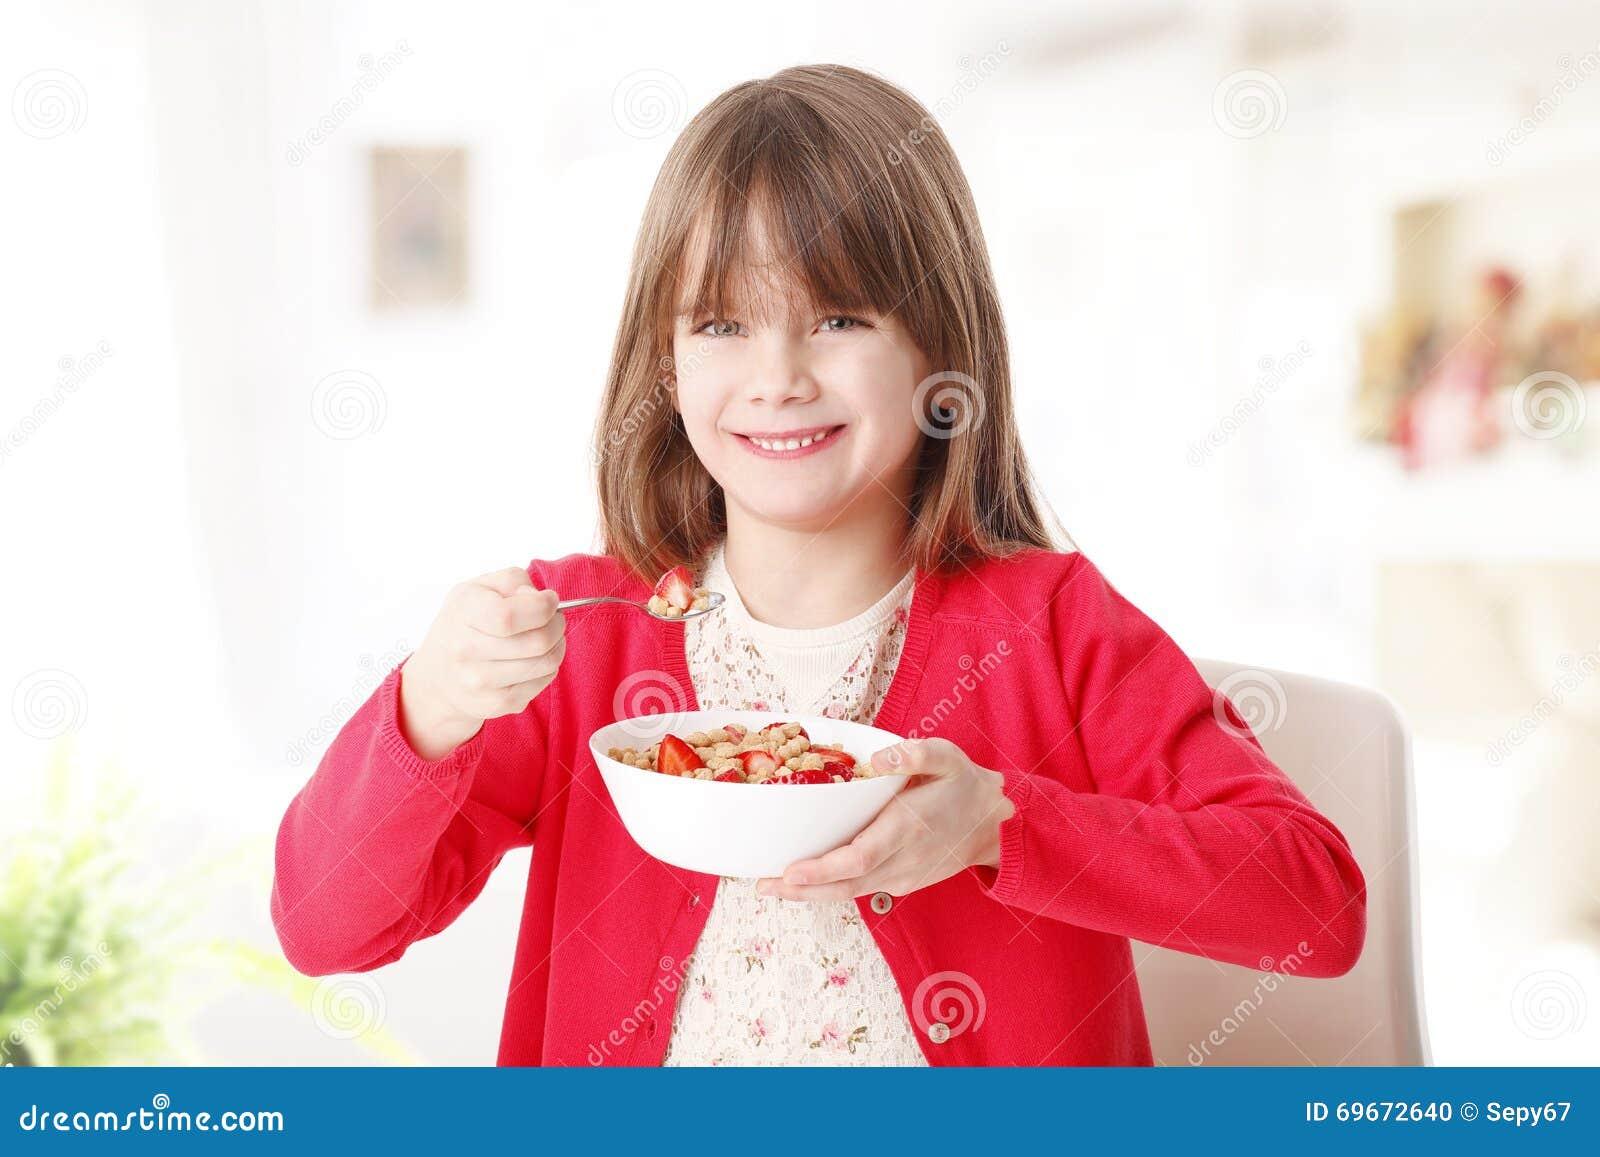 Essen gesund